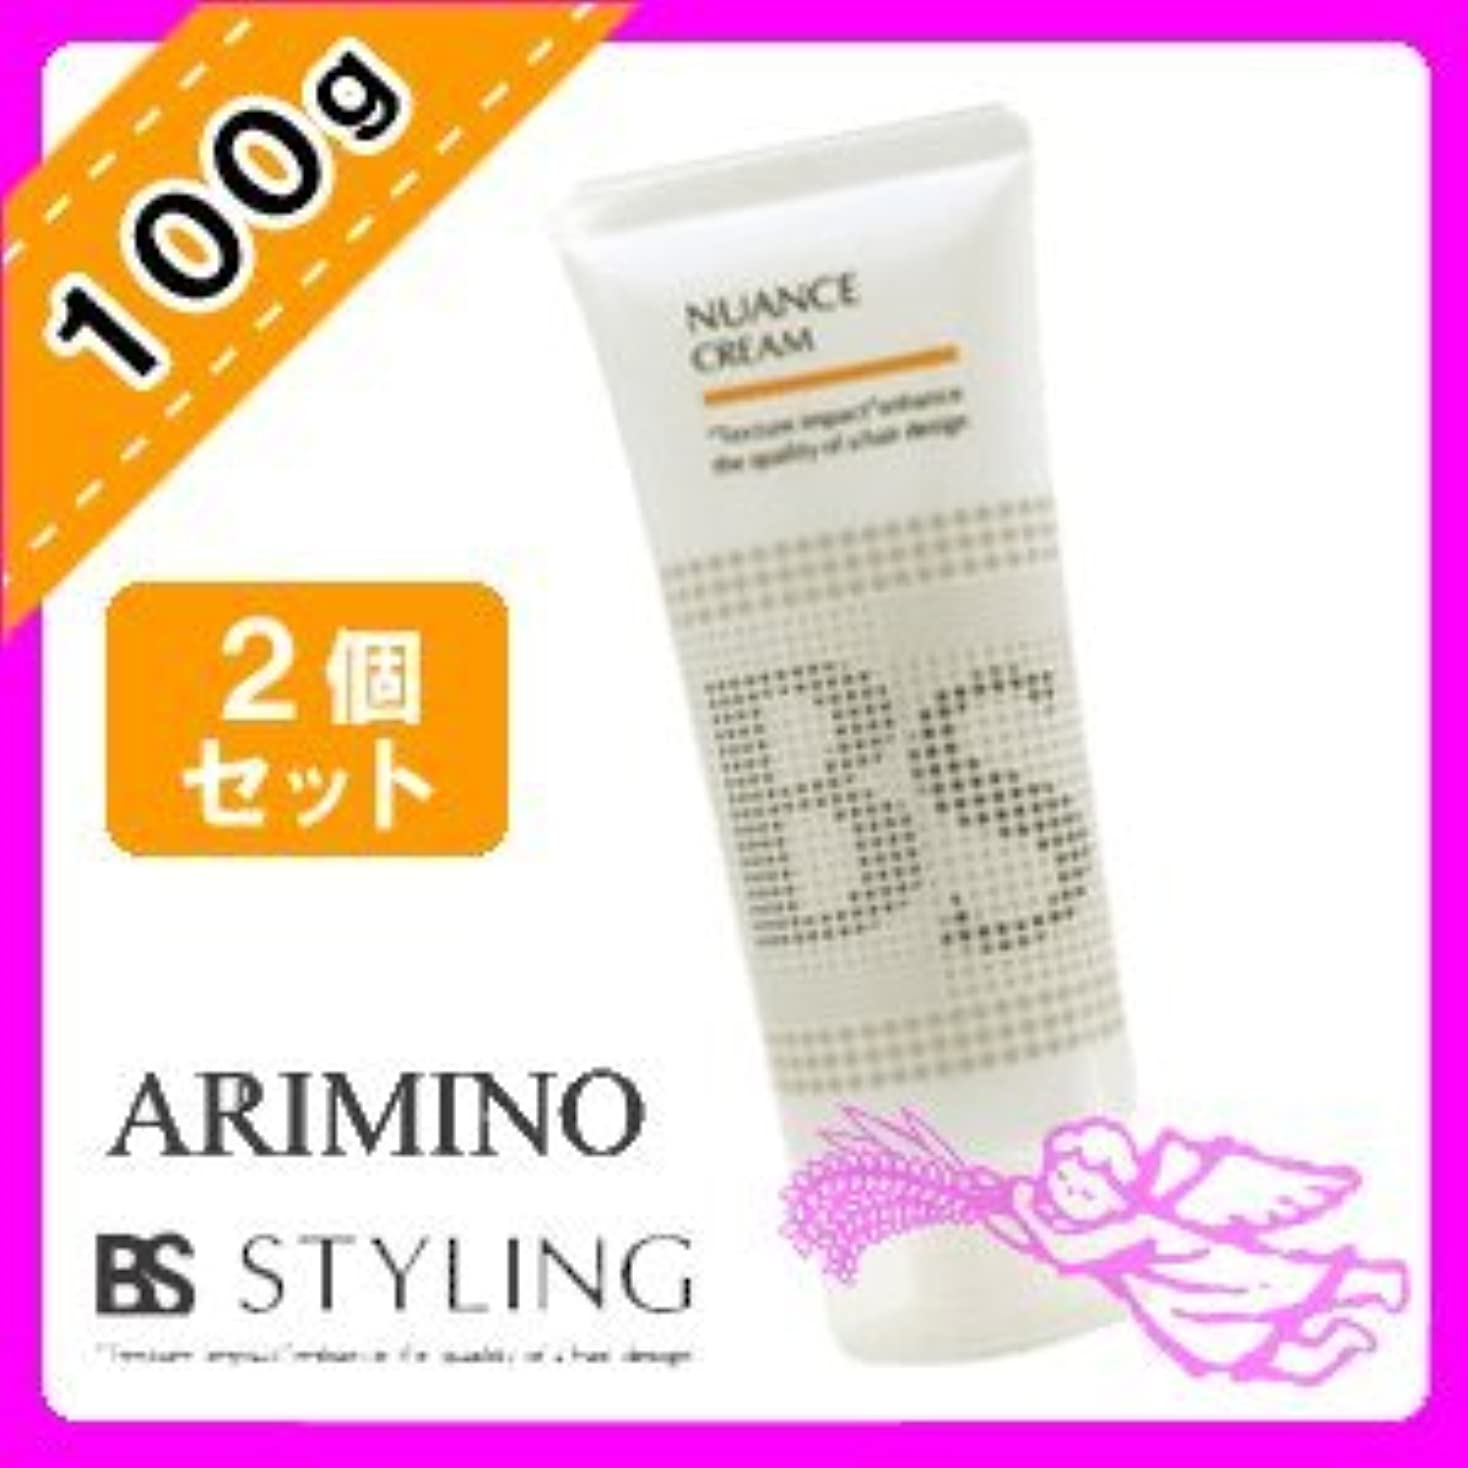 ファンタジーアクセスできないオールアリミノ BSスタイリング ニュアンス クリーム 100g x 2個 セット arimino BS STYLING